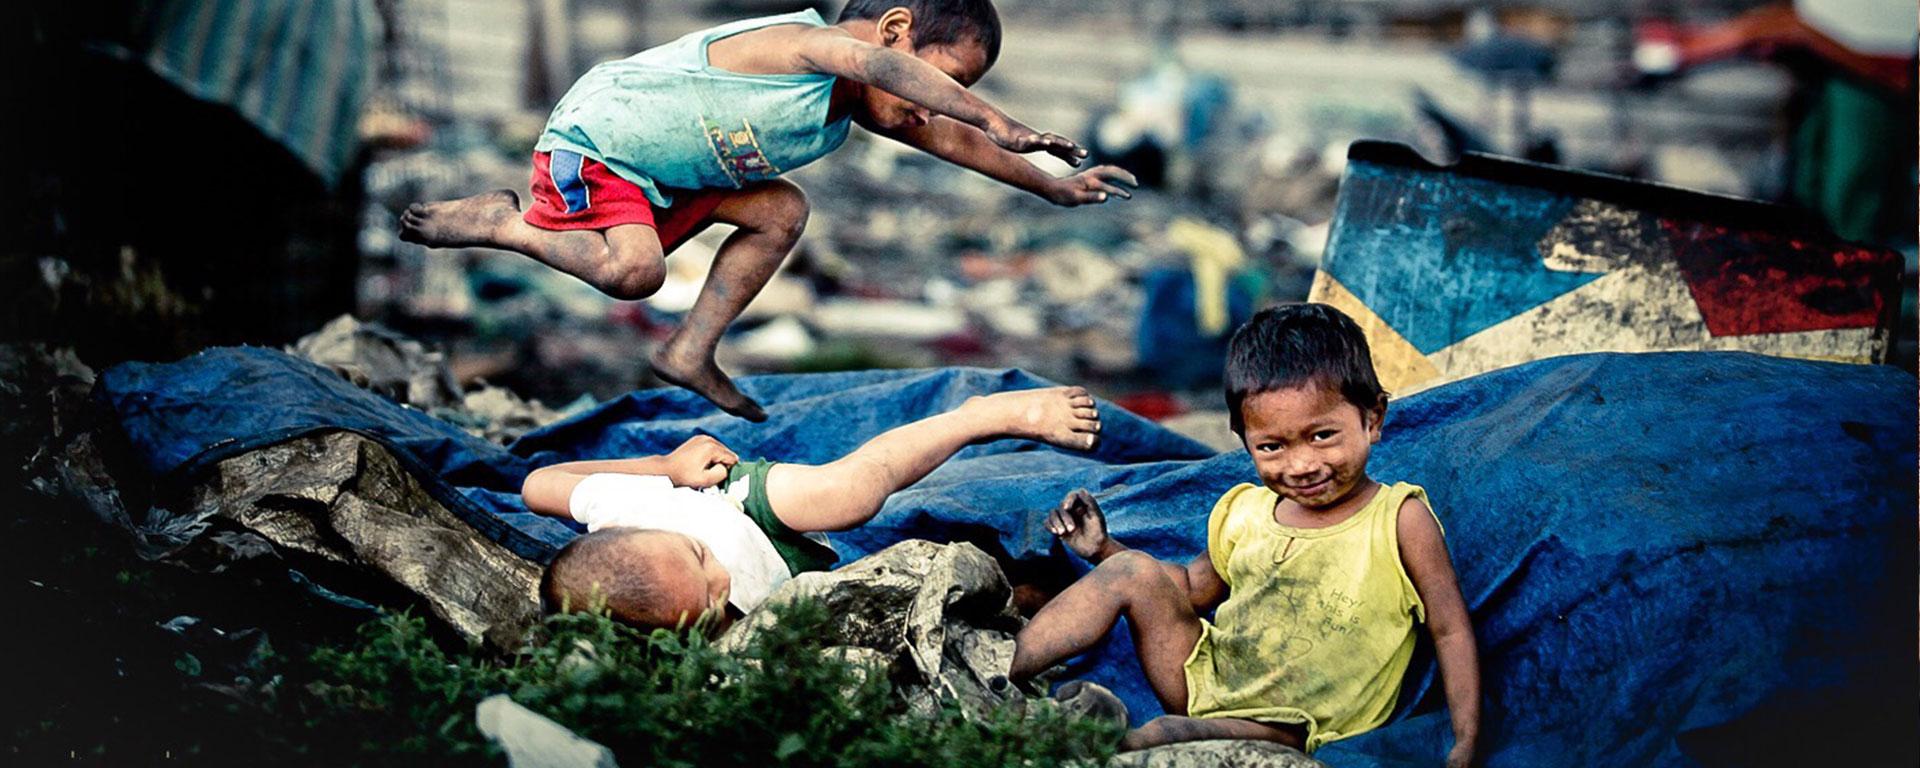 street kids playing